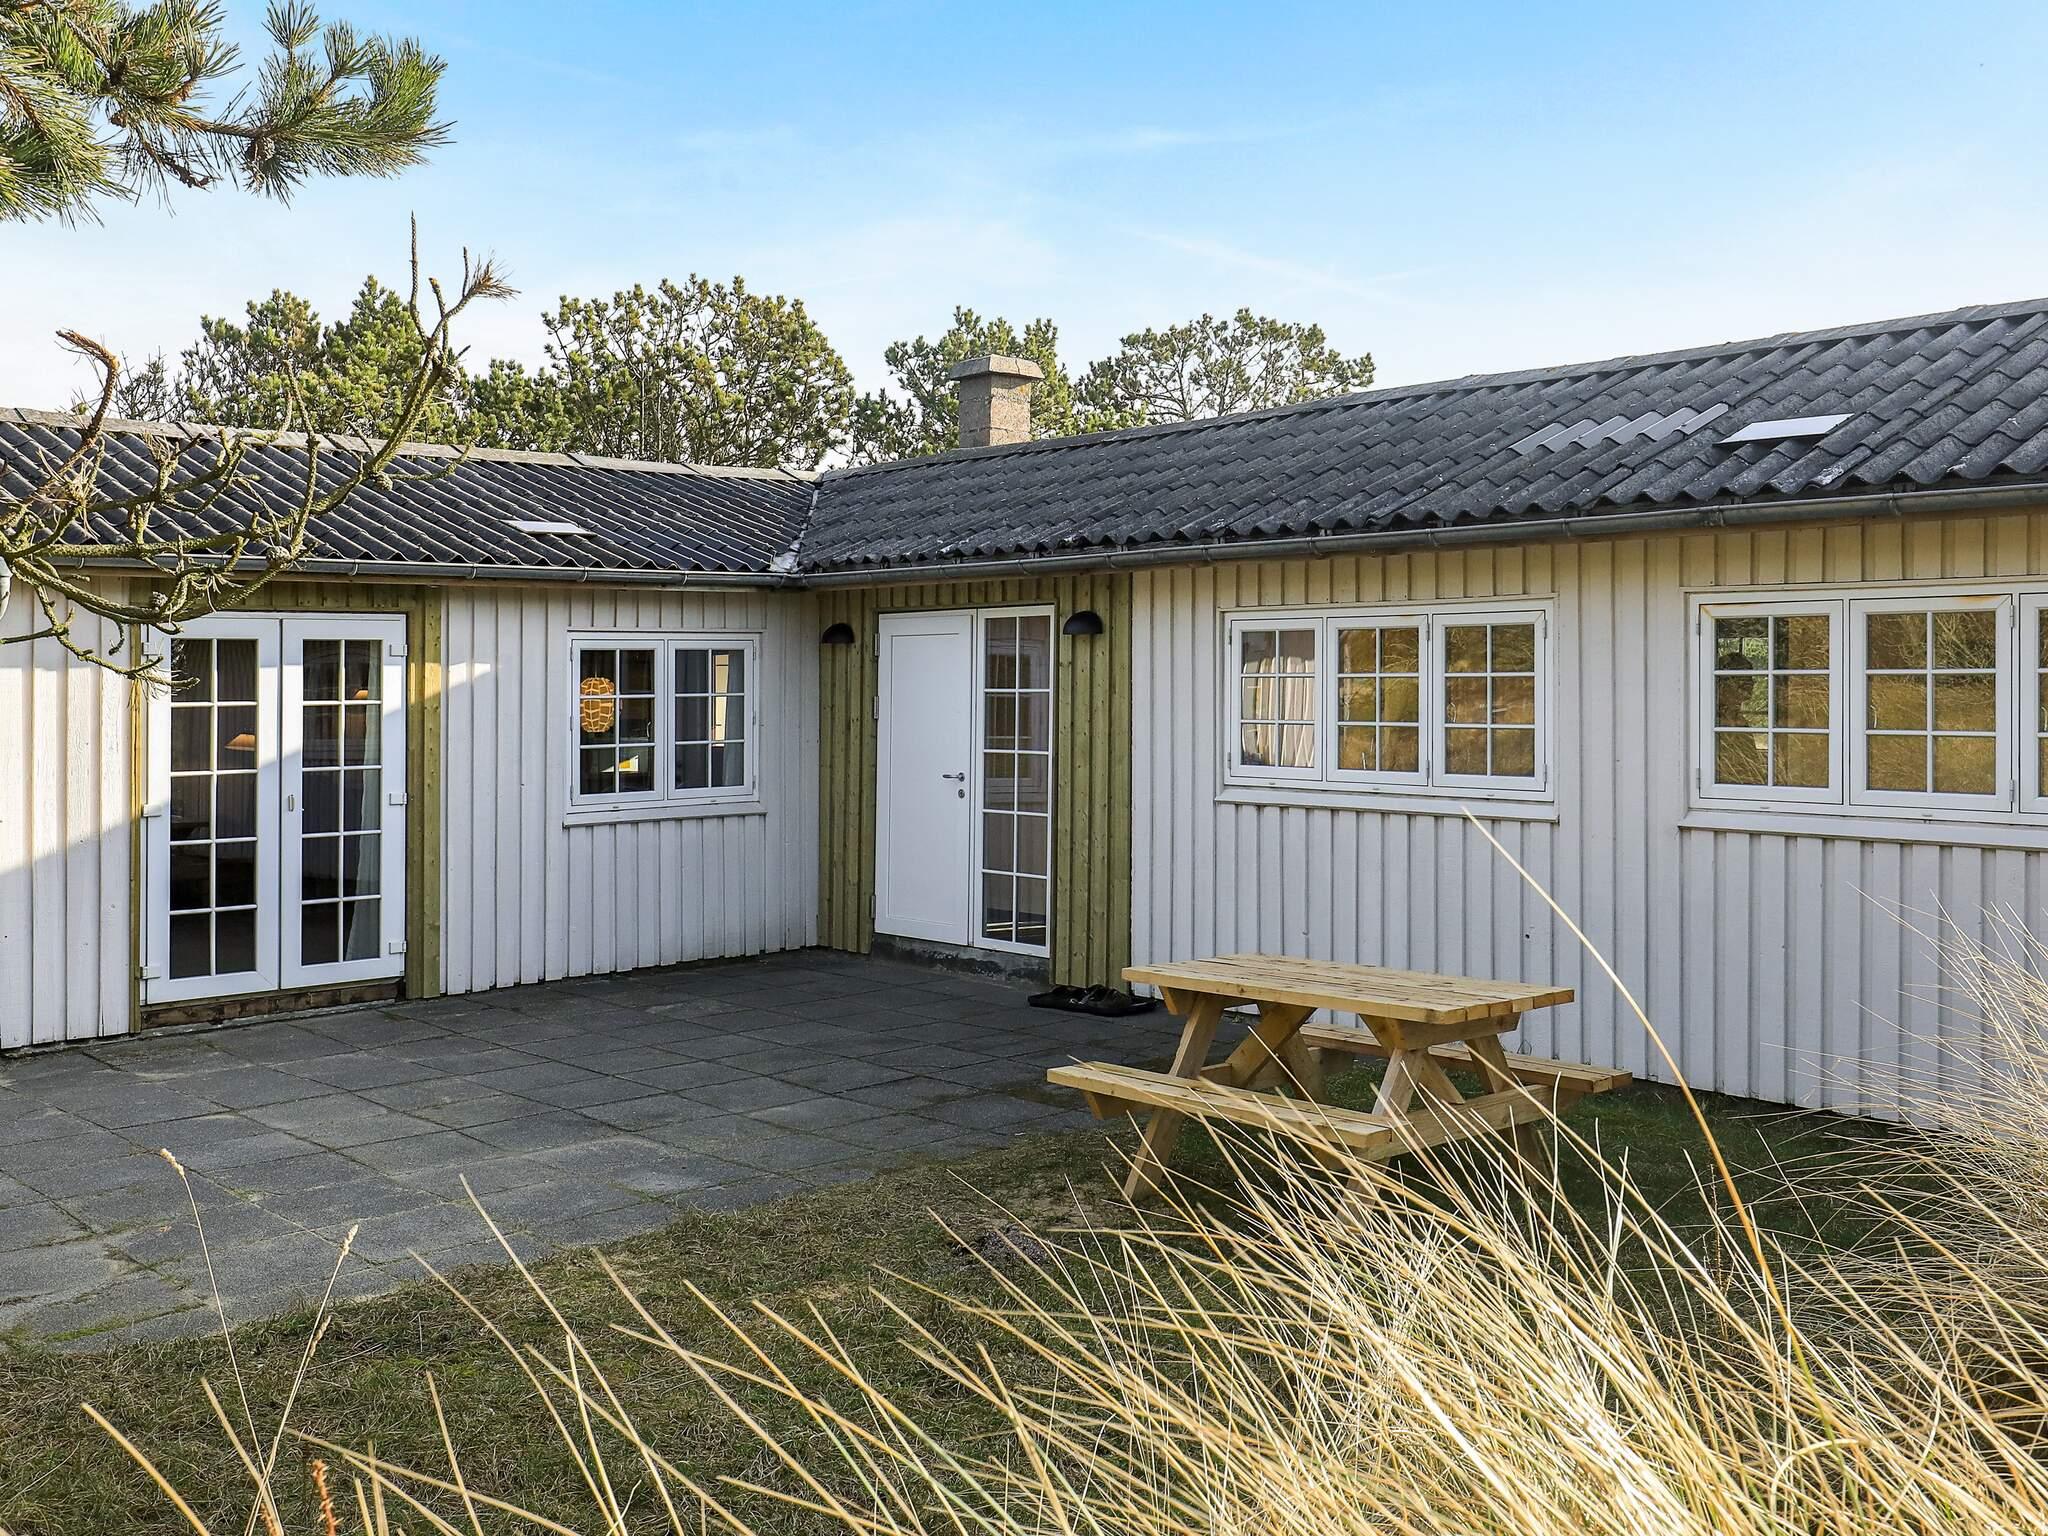 Ferienhaus Grærup (2355574), Grærup, , Westjütland, Dänemark, Bild 1